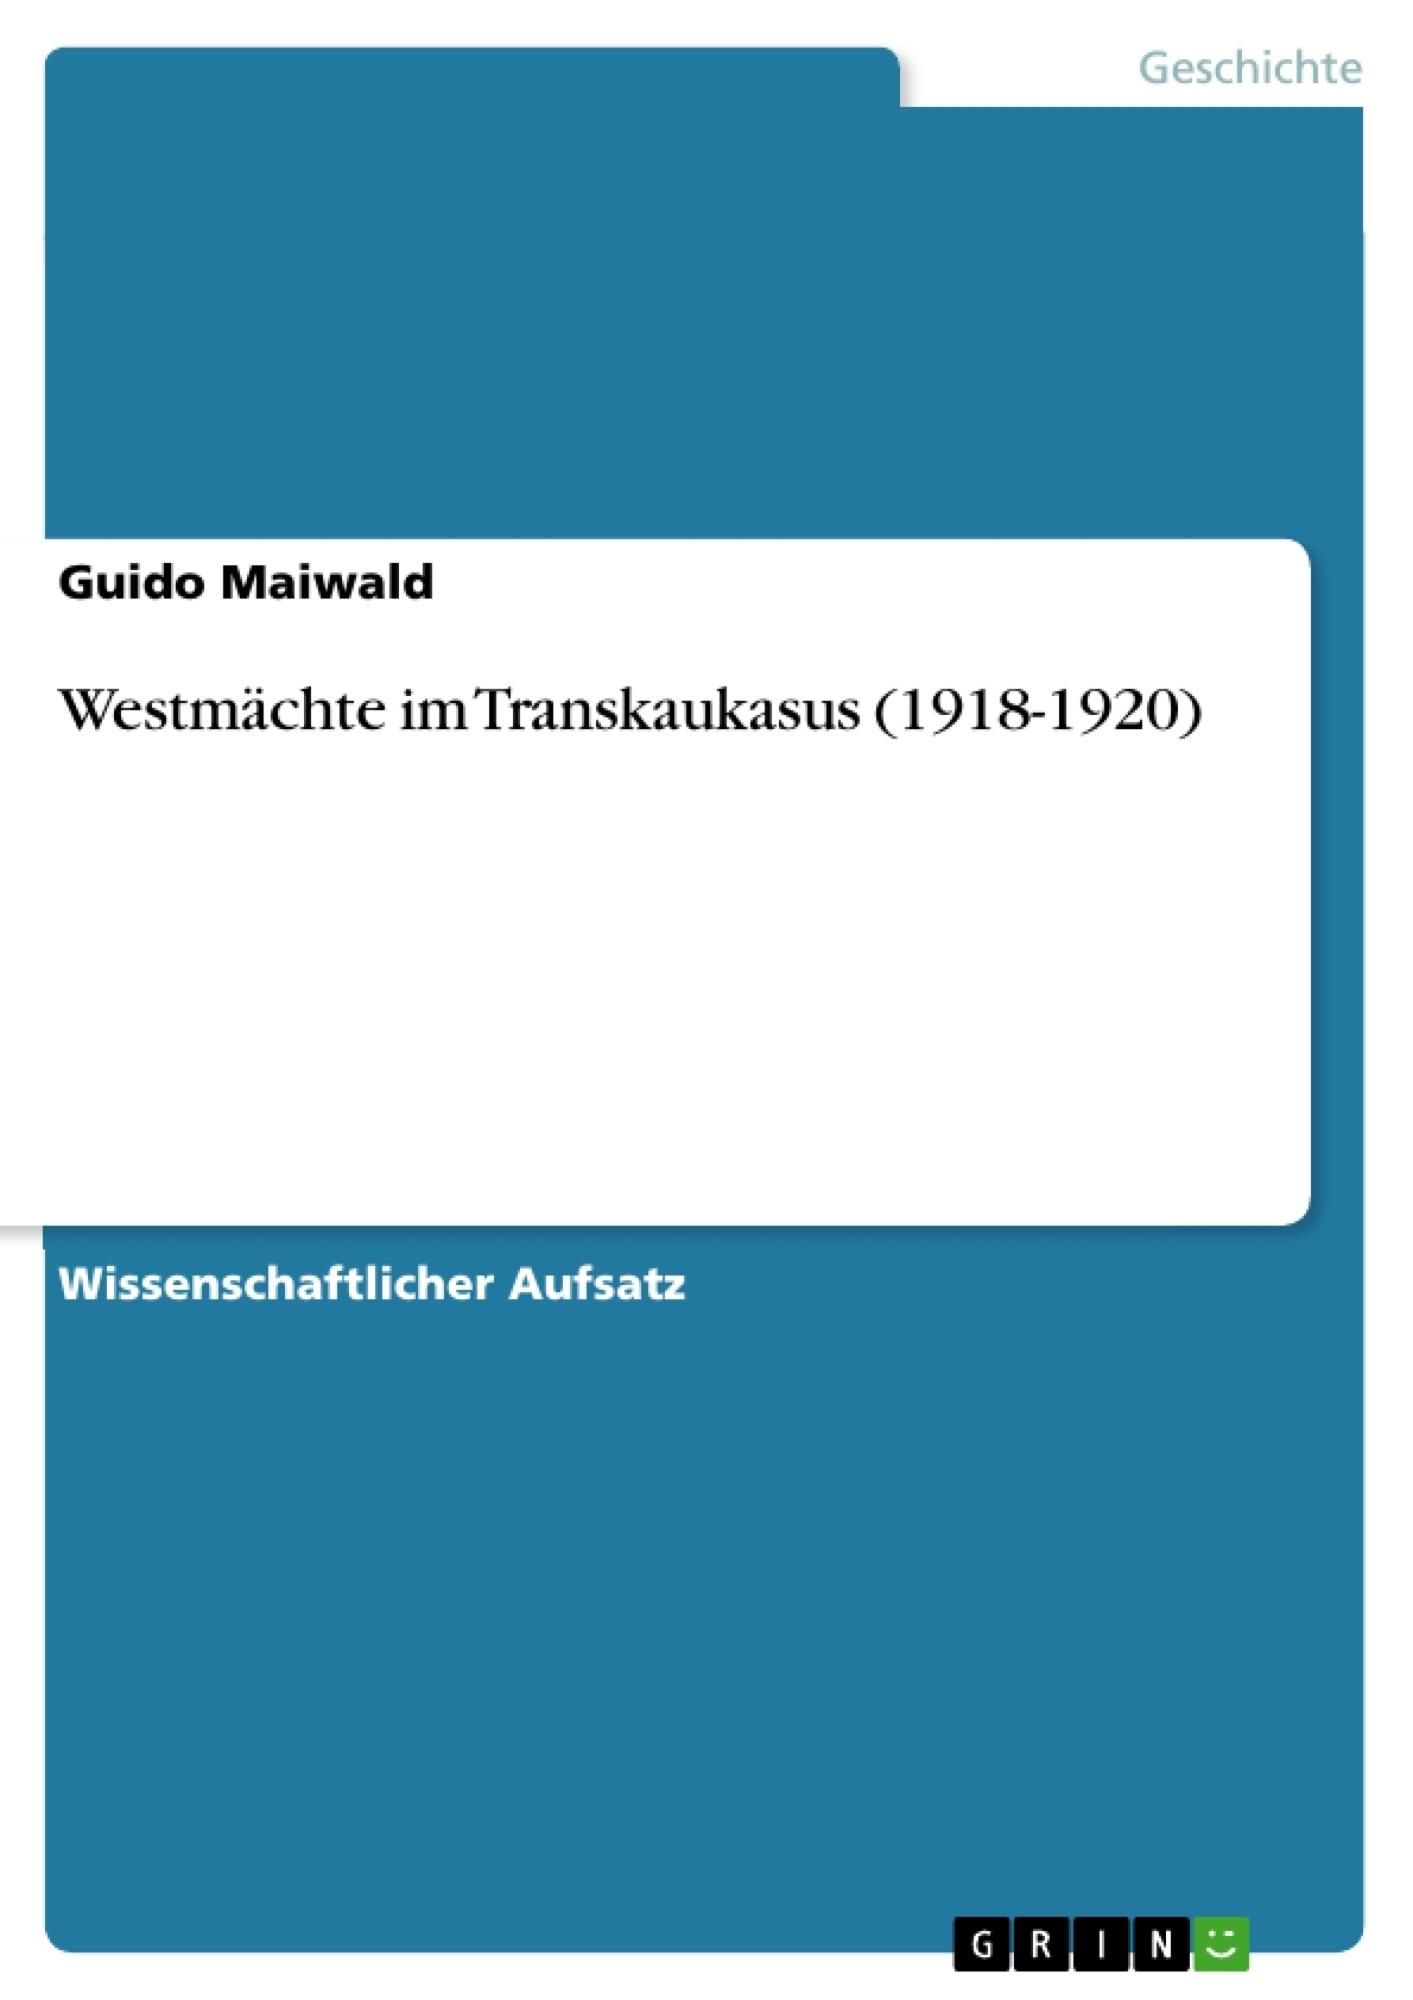 Titel: Westmächte im Transkaukasus (1918-1920)